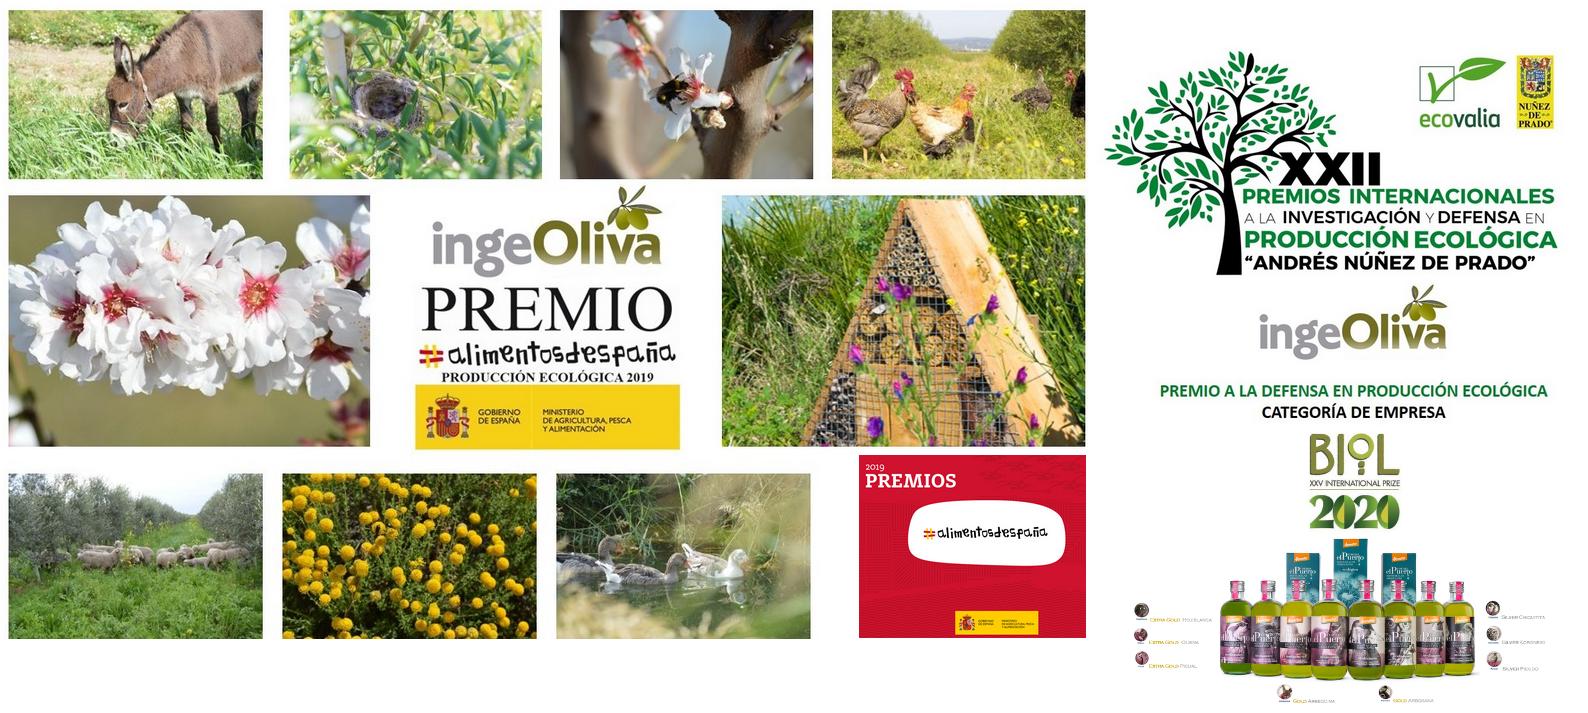 Aceite oliva AOVE Ecologico biodibanico alimentos saludables cortijo el Puerto Awards premio alimentos de España IngeOliva